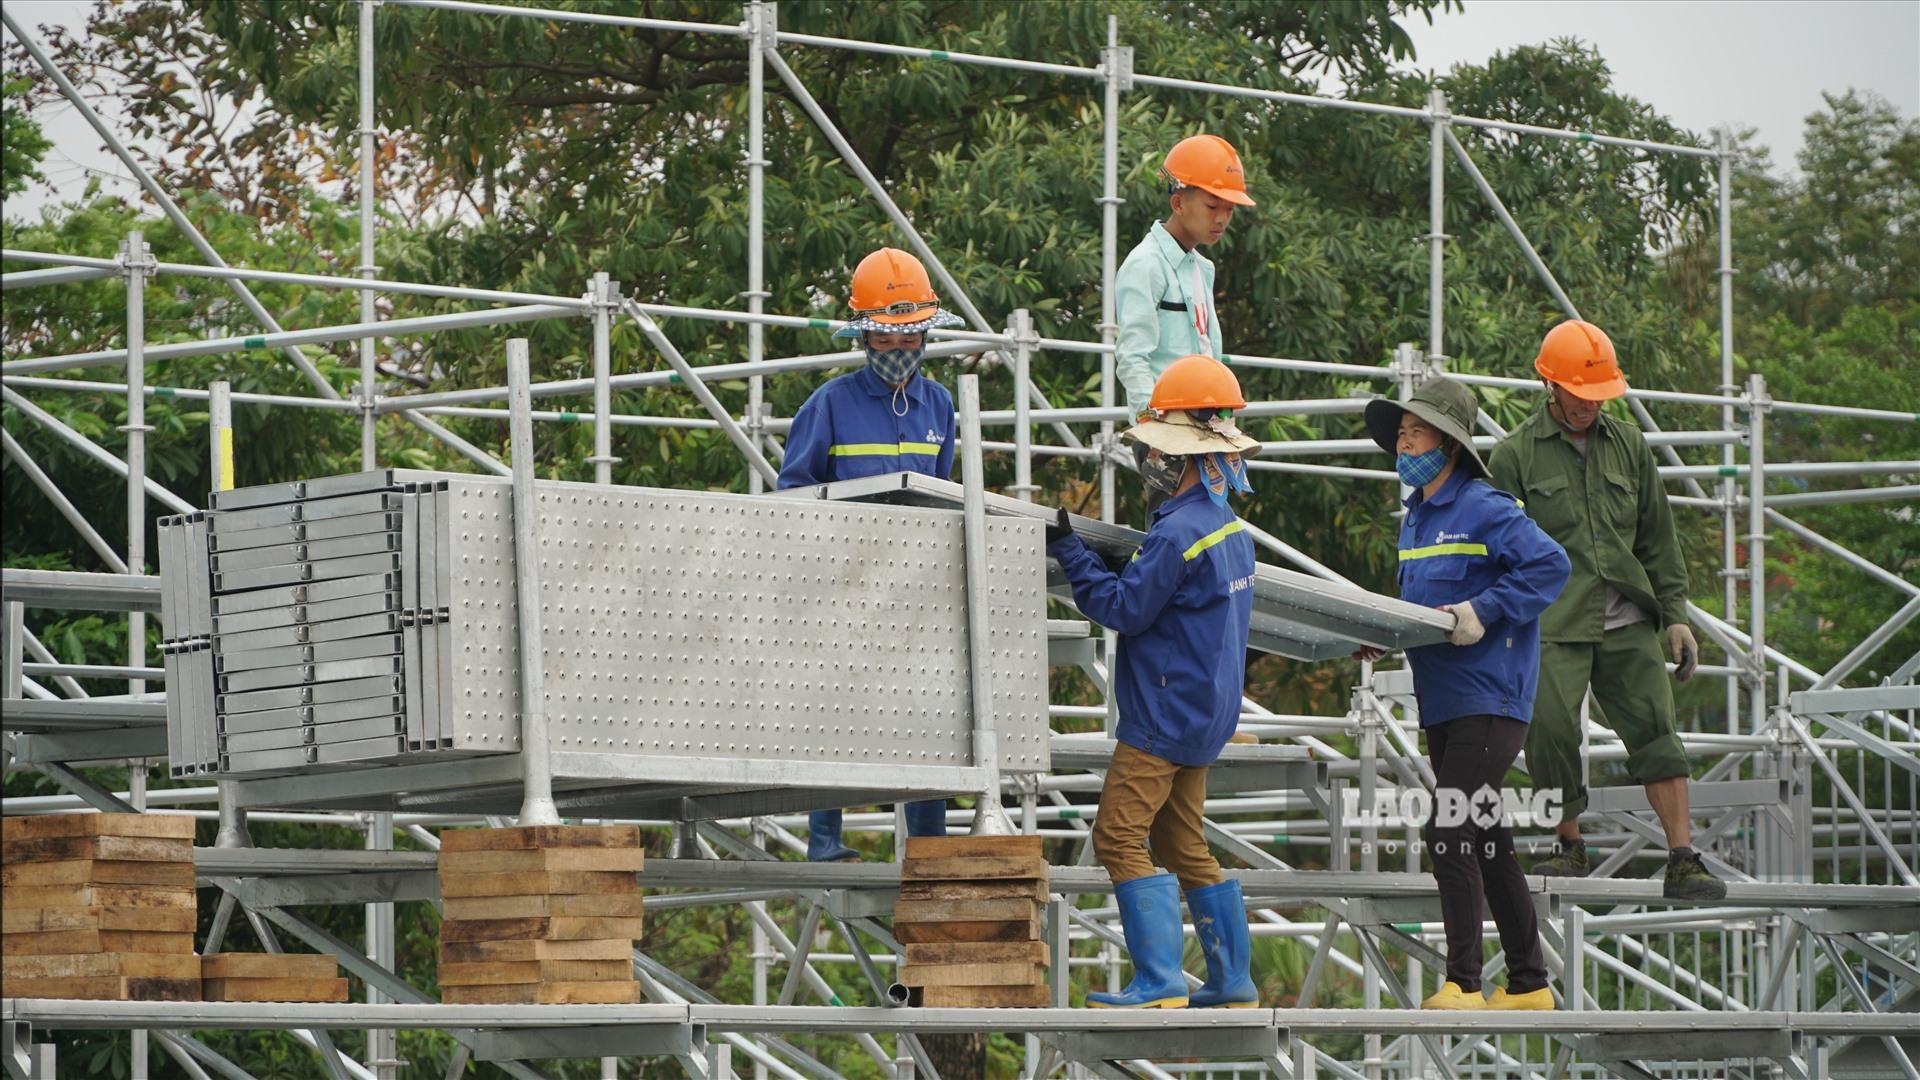 Ngày 26.3, theo ghi nhận của phóng viên, phần khán đài mới được dựng lên dọc tuyến đường Lê Đức Thọ đang được công nhân tháo dỡ trong những ngày qua.